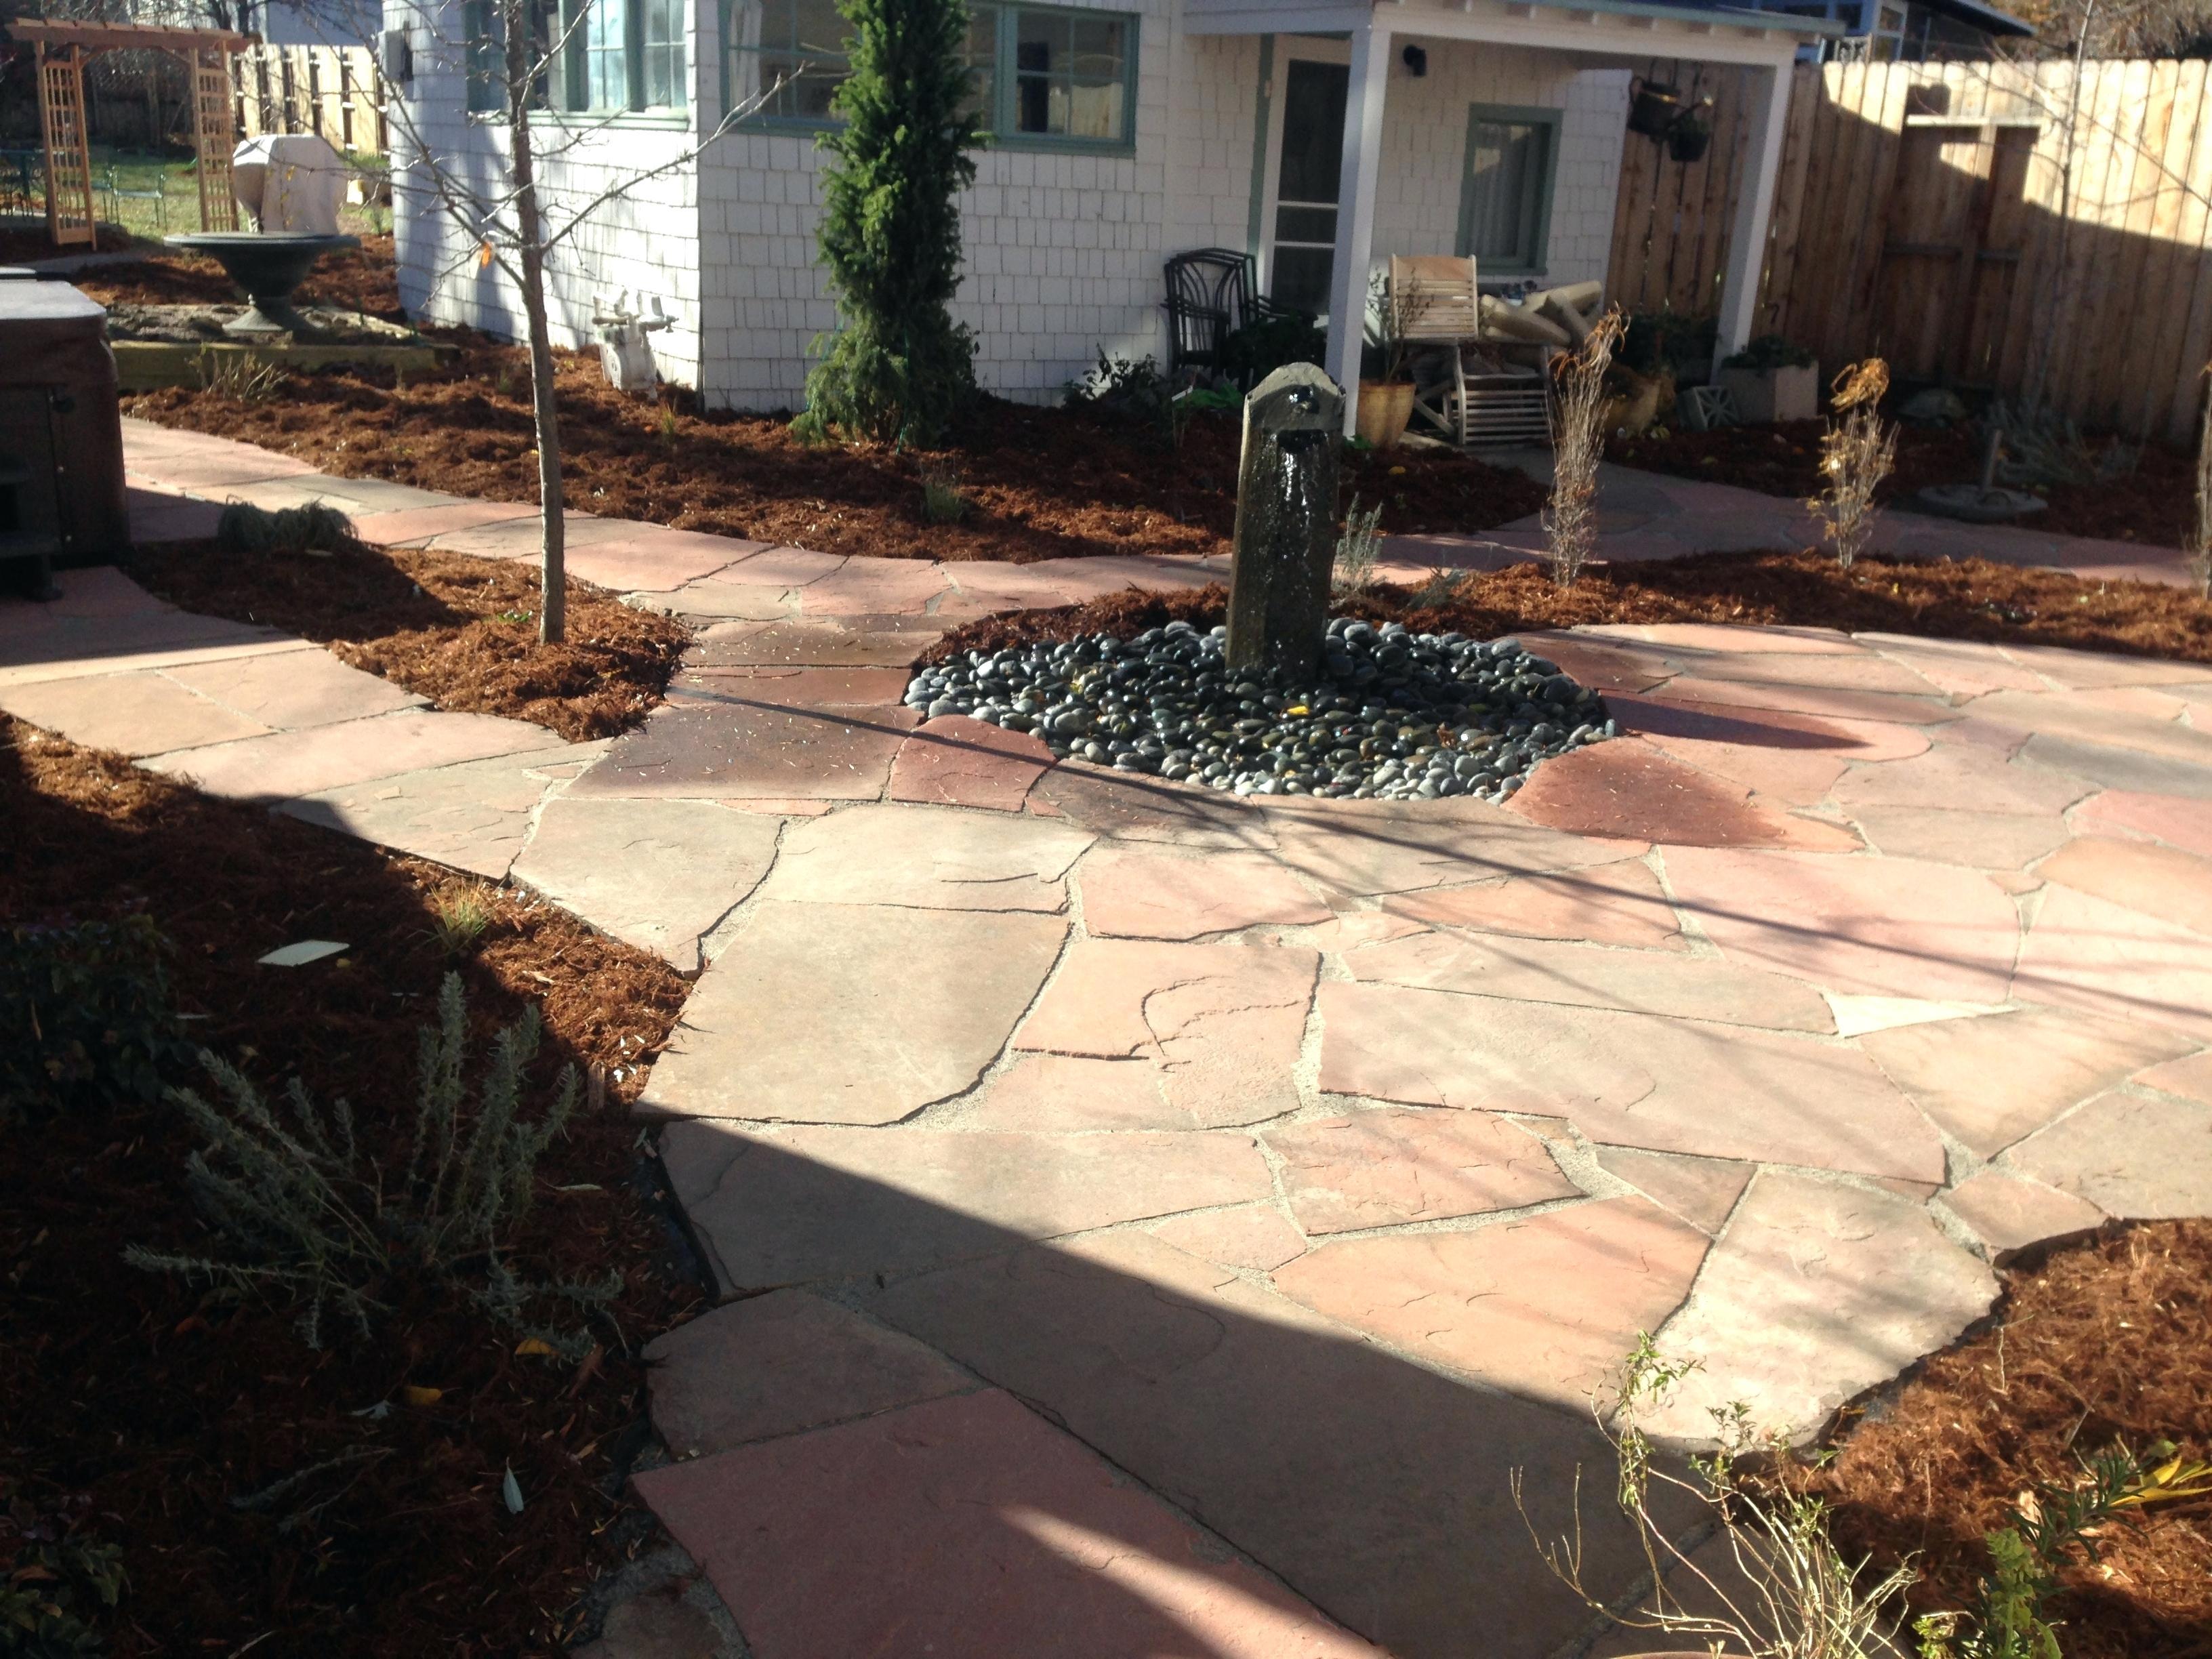 15.Simphome.com flagstone patio images backyard ideas